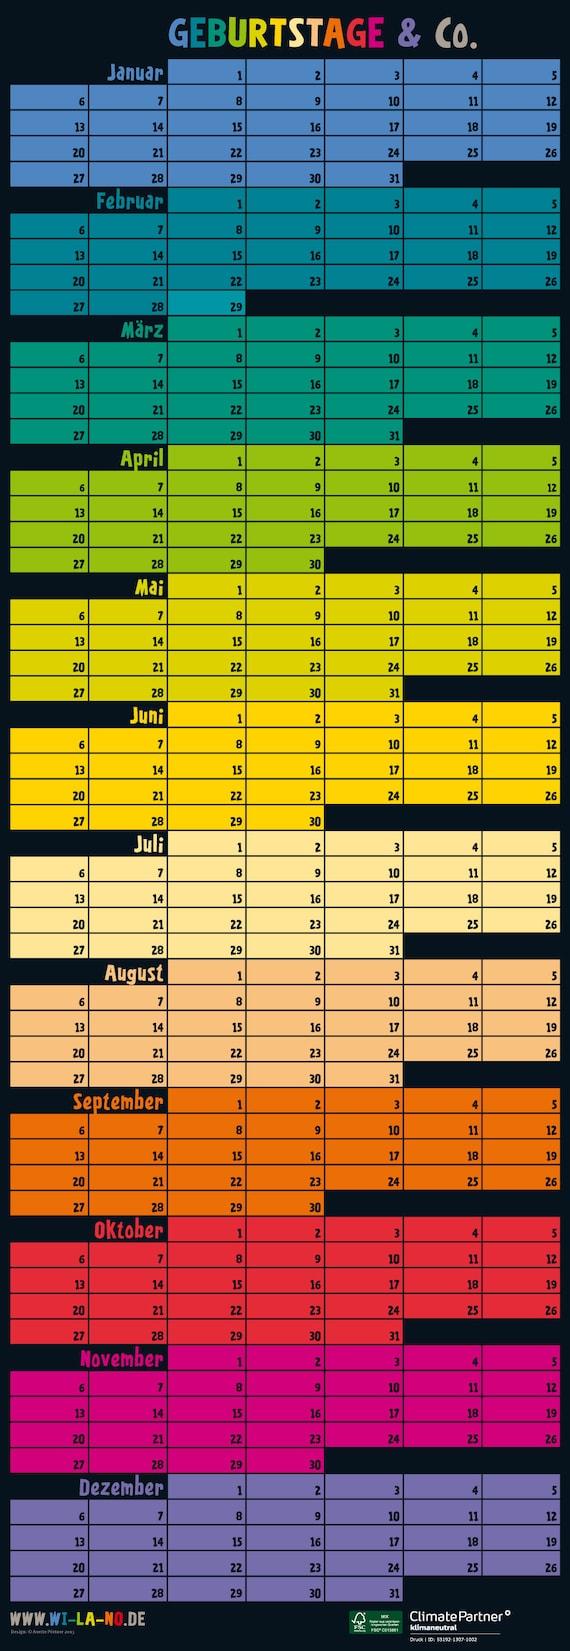 Geburtstagskalender 23x19cm Ewiger Kalender Immerw/ährender Wandkalender schwarz weiss DIY